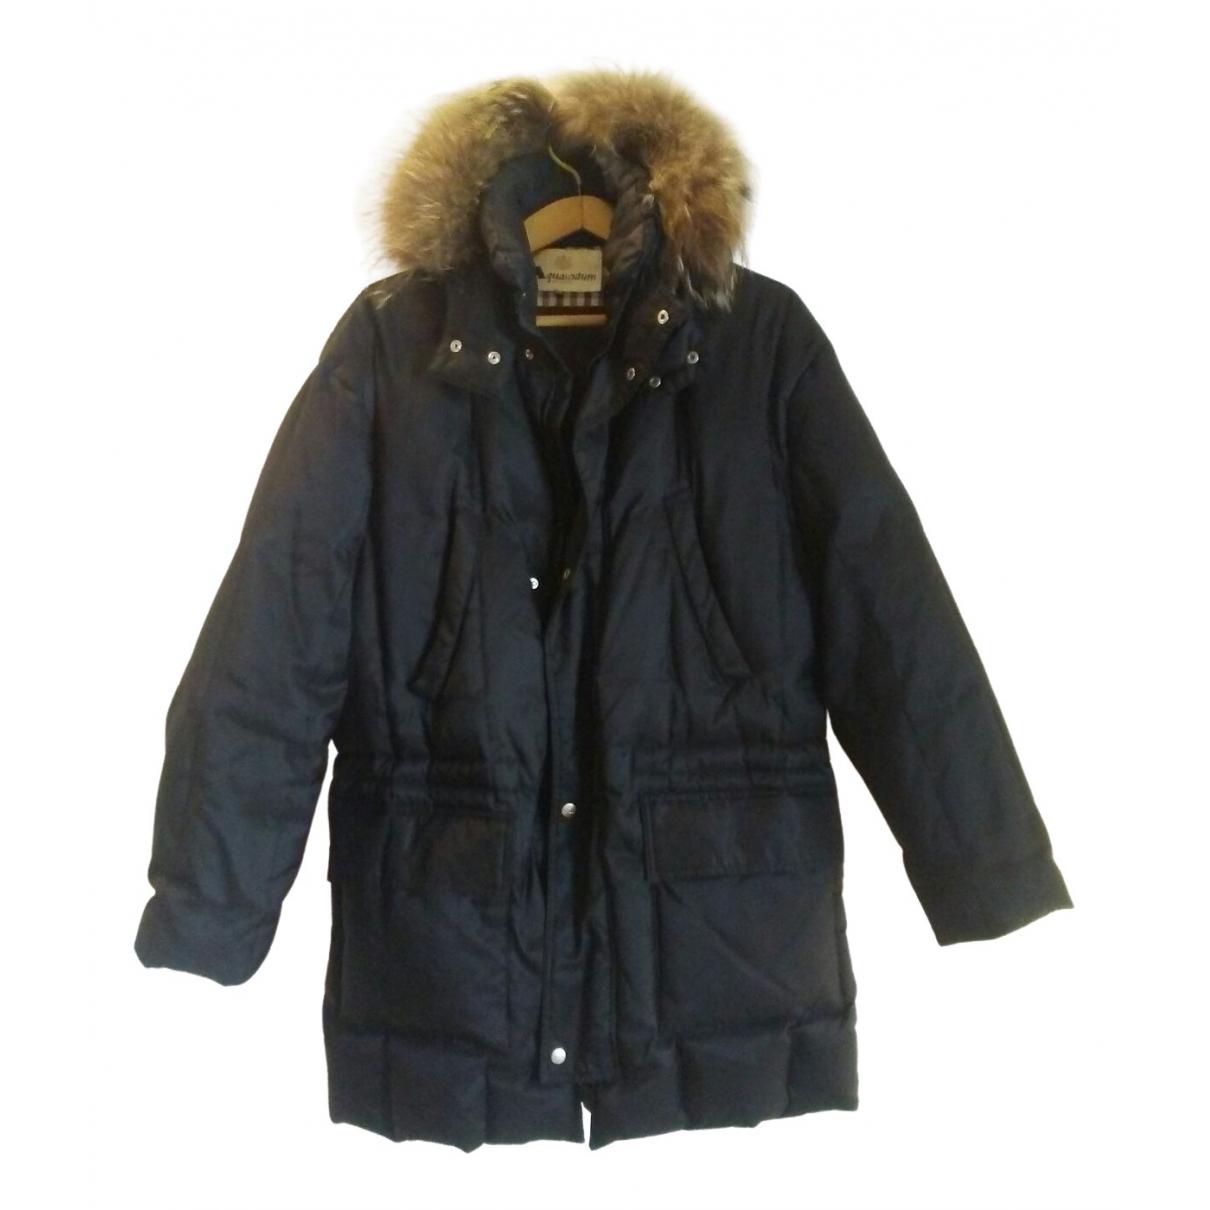 Aquascutum - Manteau   pour homme en cachemire - noir